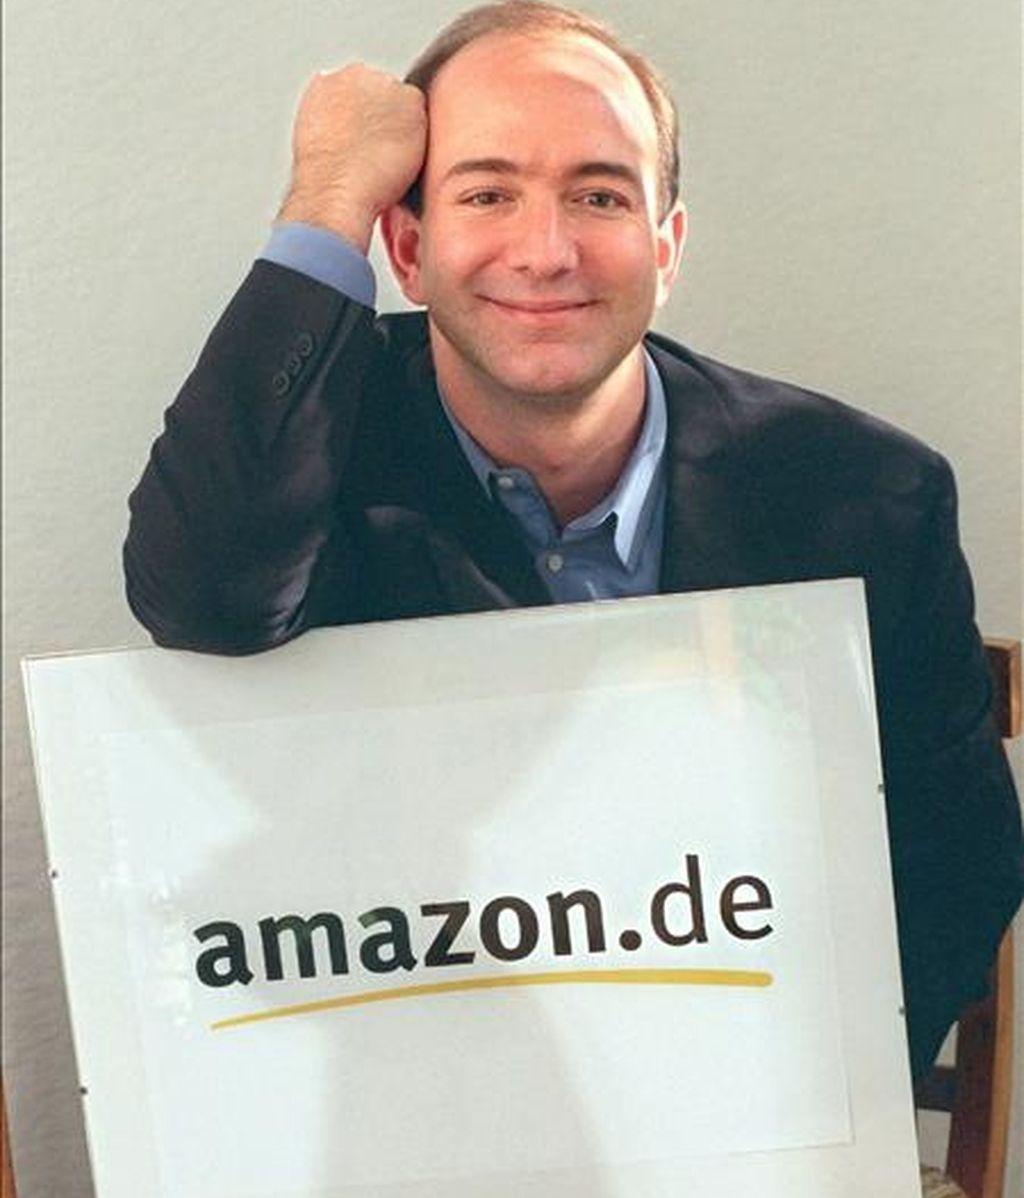 """El fundador y consejero delegado de Amazon, Jeff Bezos, destacó: """"En los últimos doce meses, clientes de todo el mundo han pedido más de mil millones de productos de Amazon a través de dispositivos móviles"""". EFE/Archivo"""